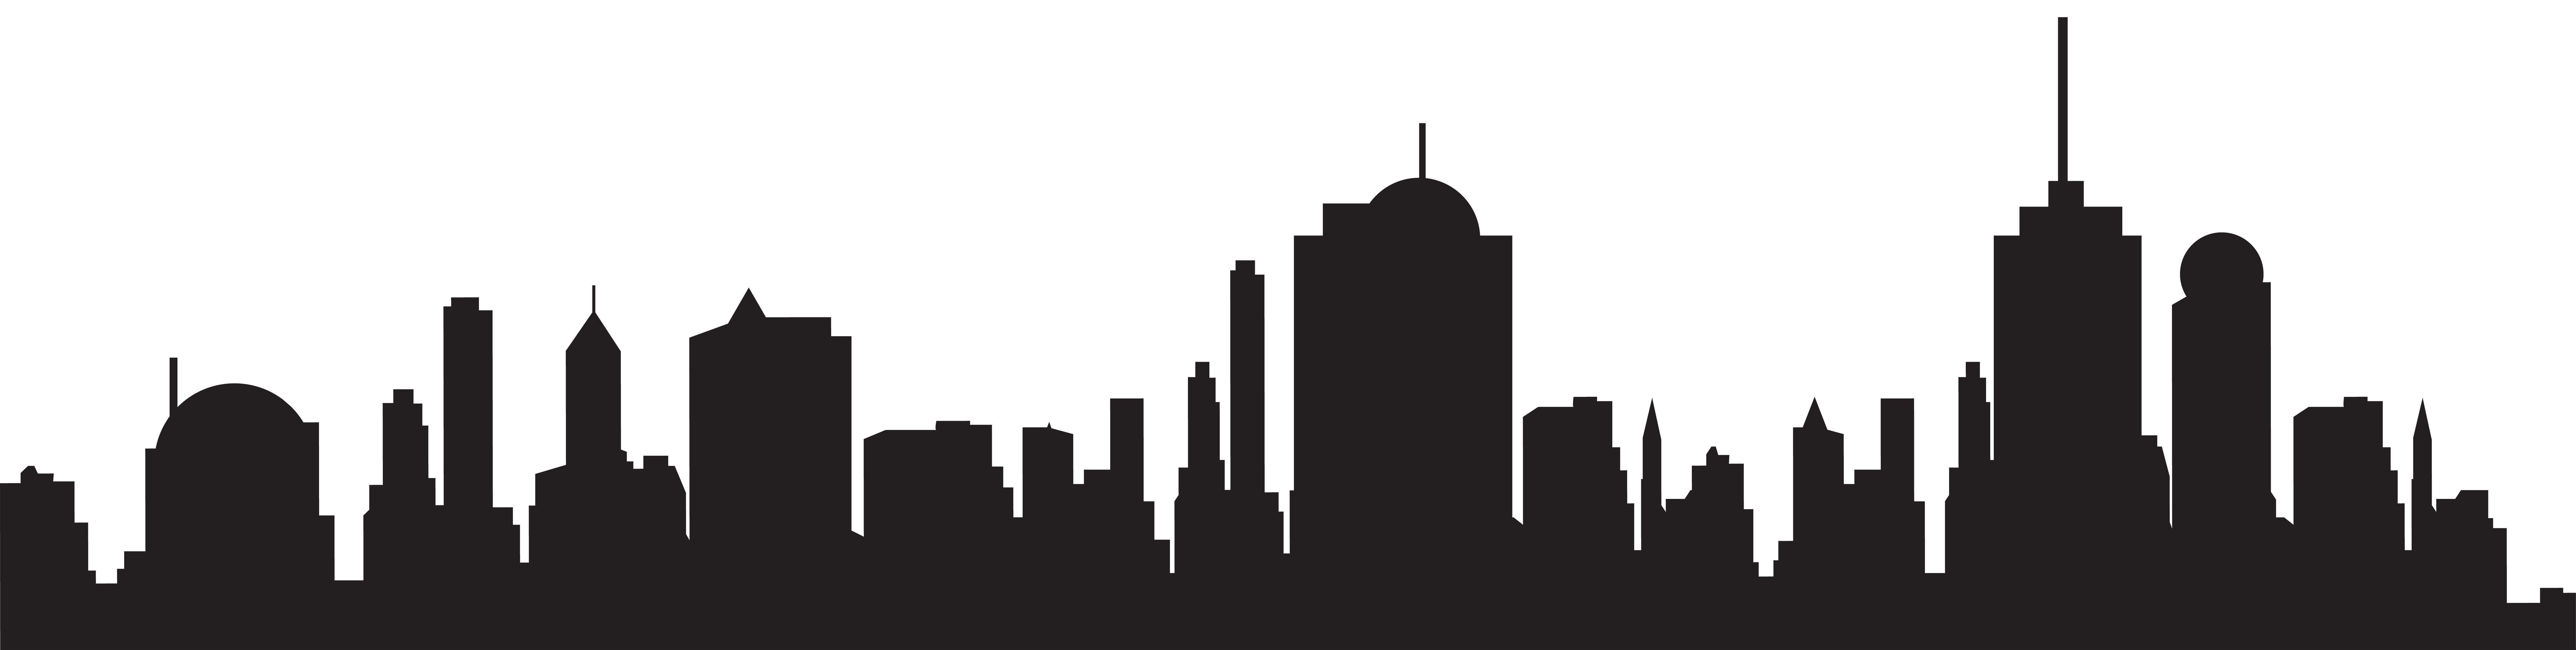 8000x2018 City Skyline Vector 2